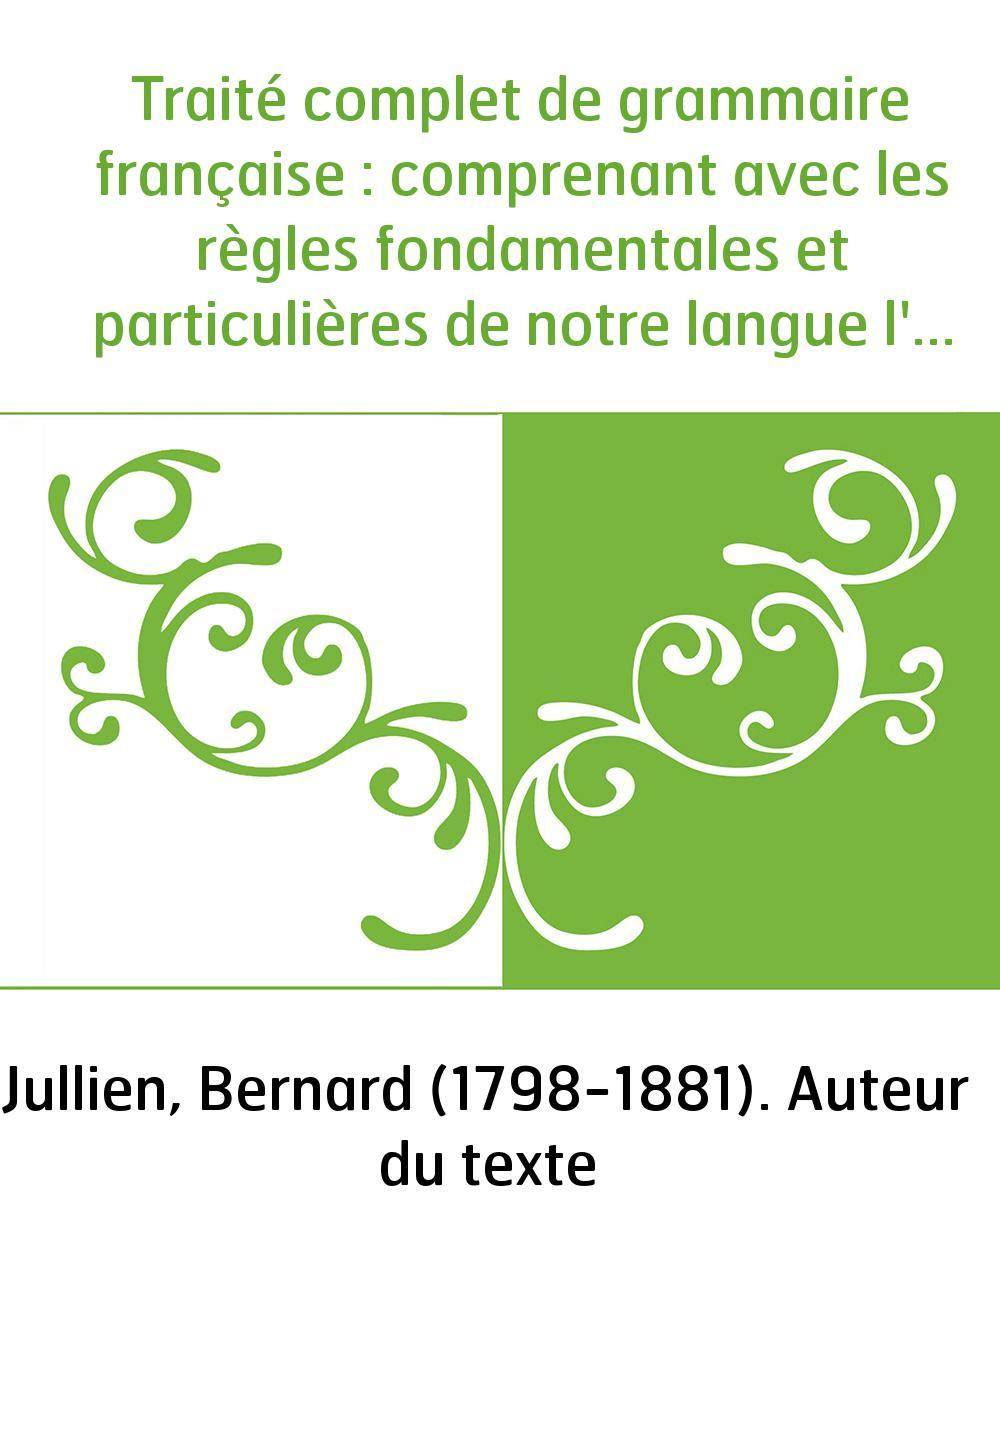 Traité complet de grammaire française : comprenant avec les règles fondamentales et particulières de notre langue l'étude des ga